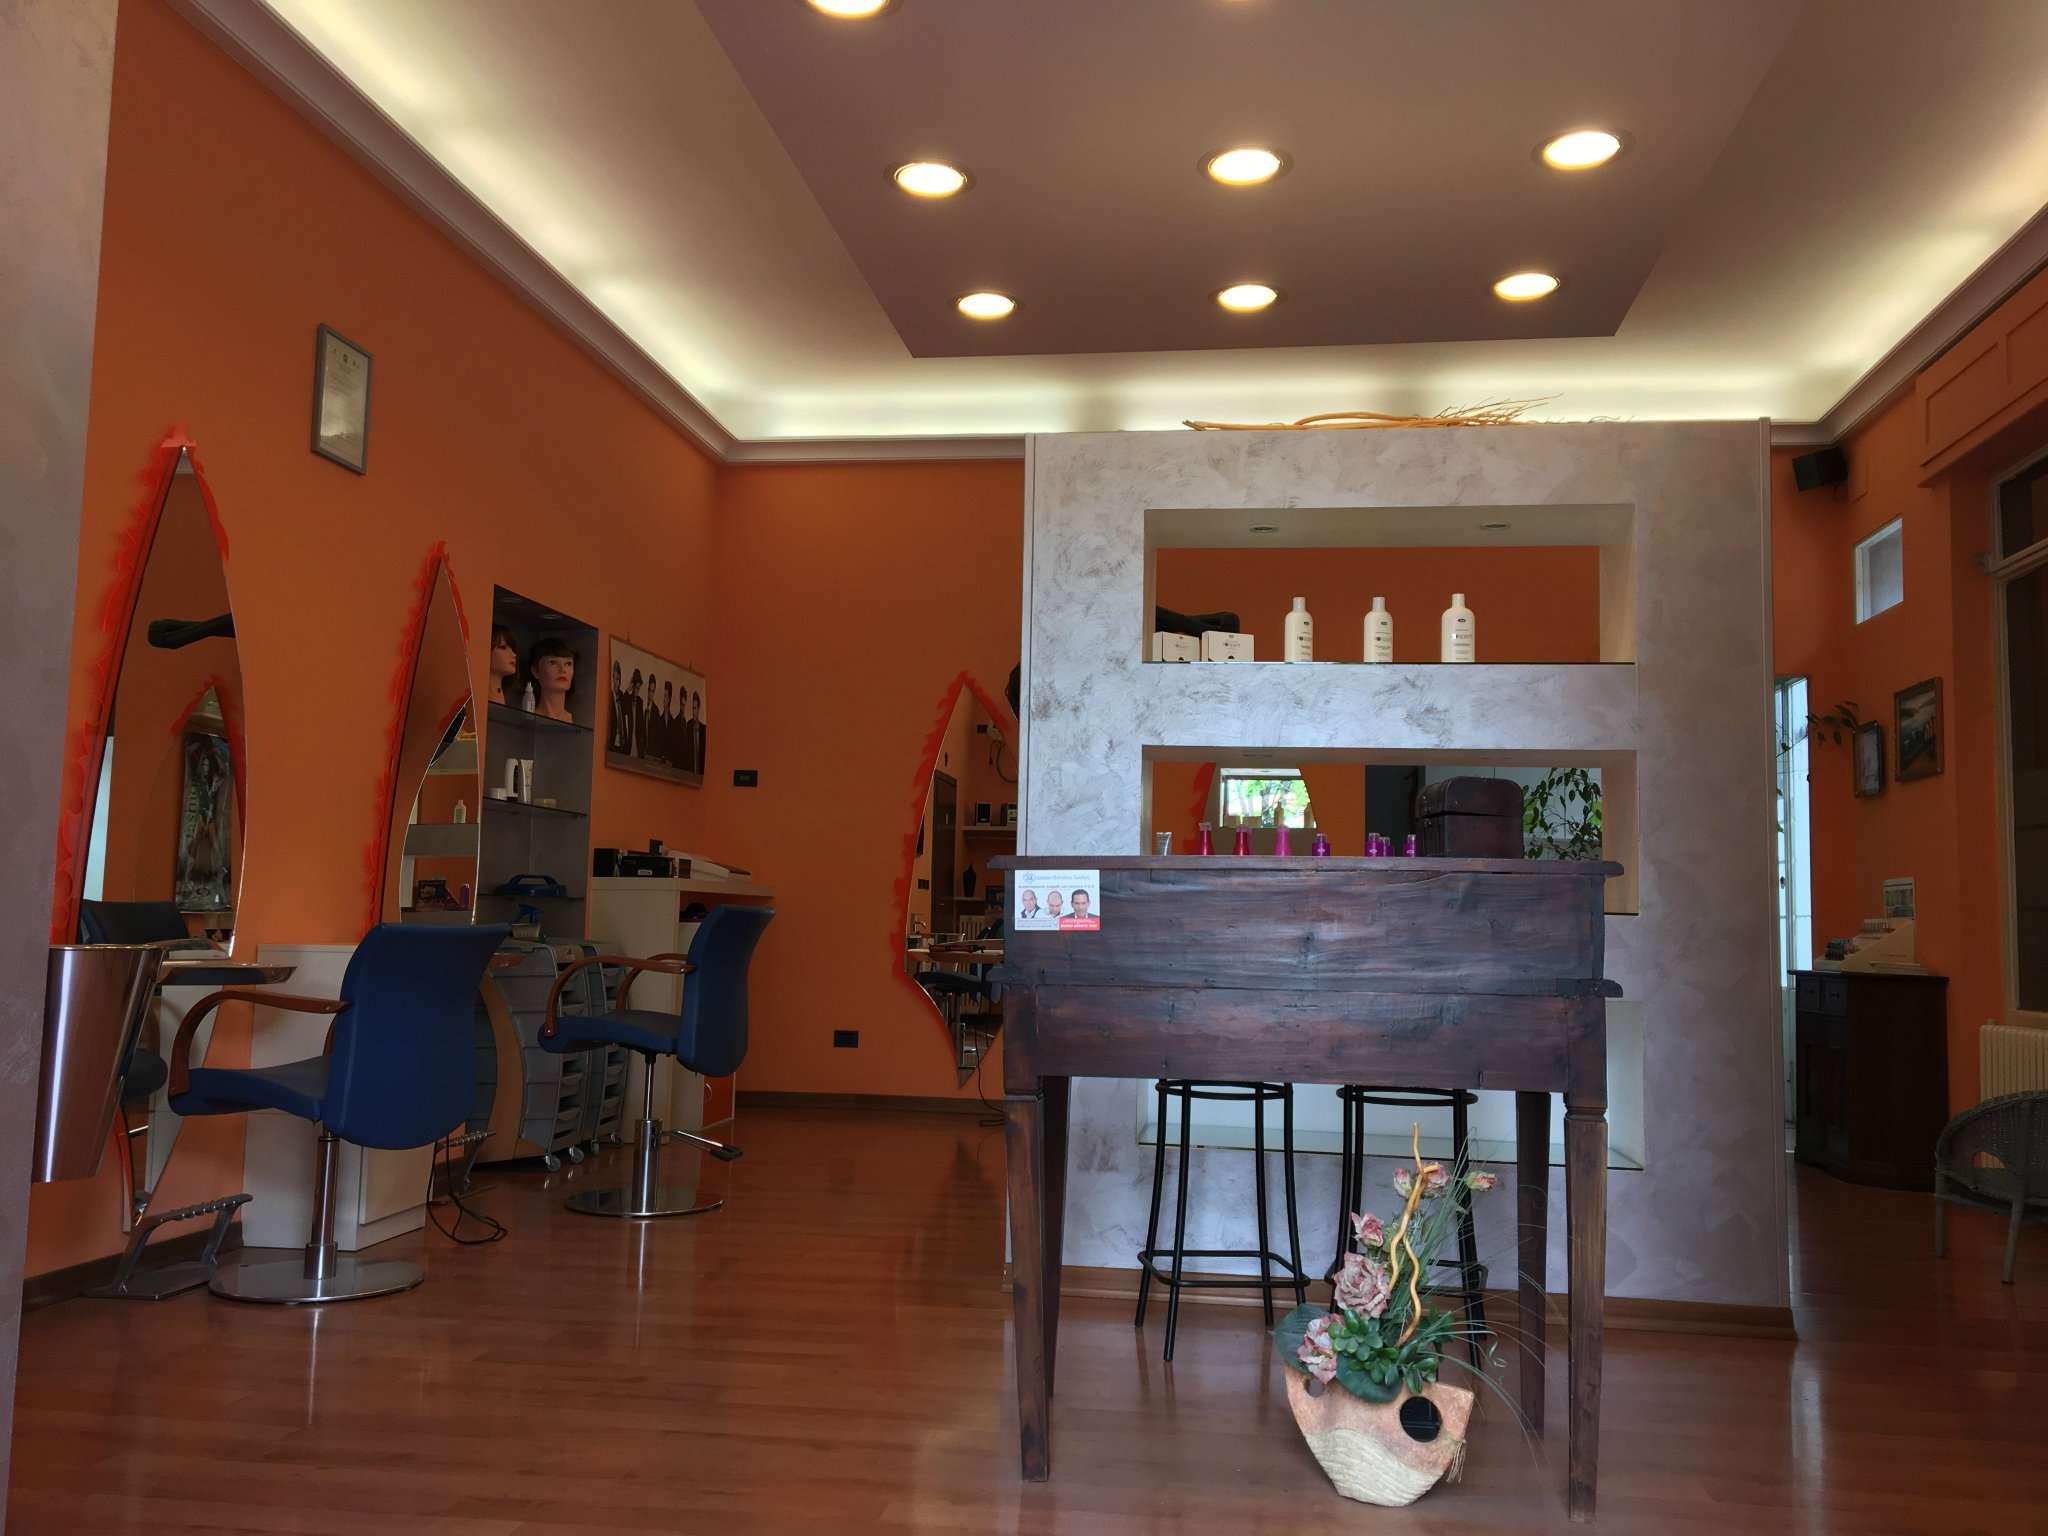 Negozio / Locale in affitto a Gorla Maggiore, 1 locali, prezzo € 550 | CambioCasa.it